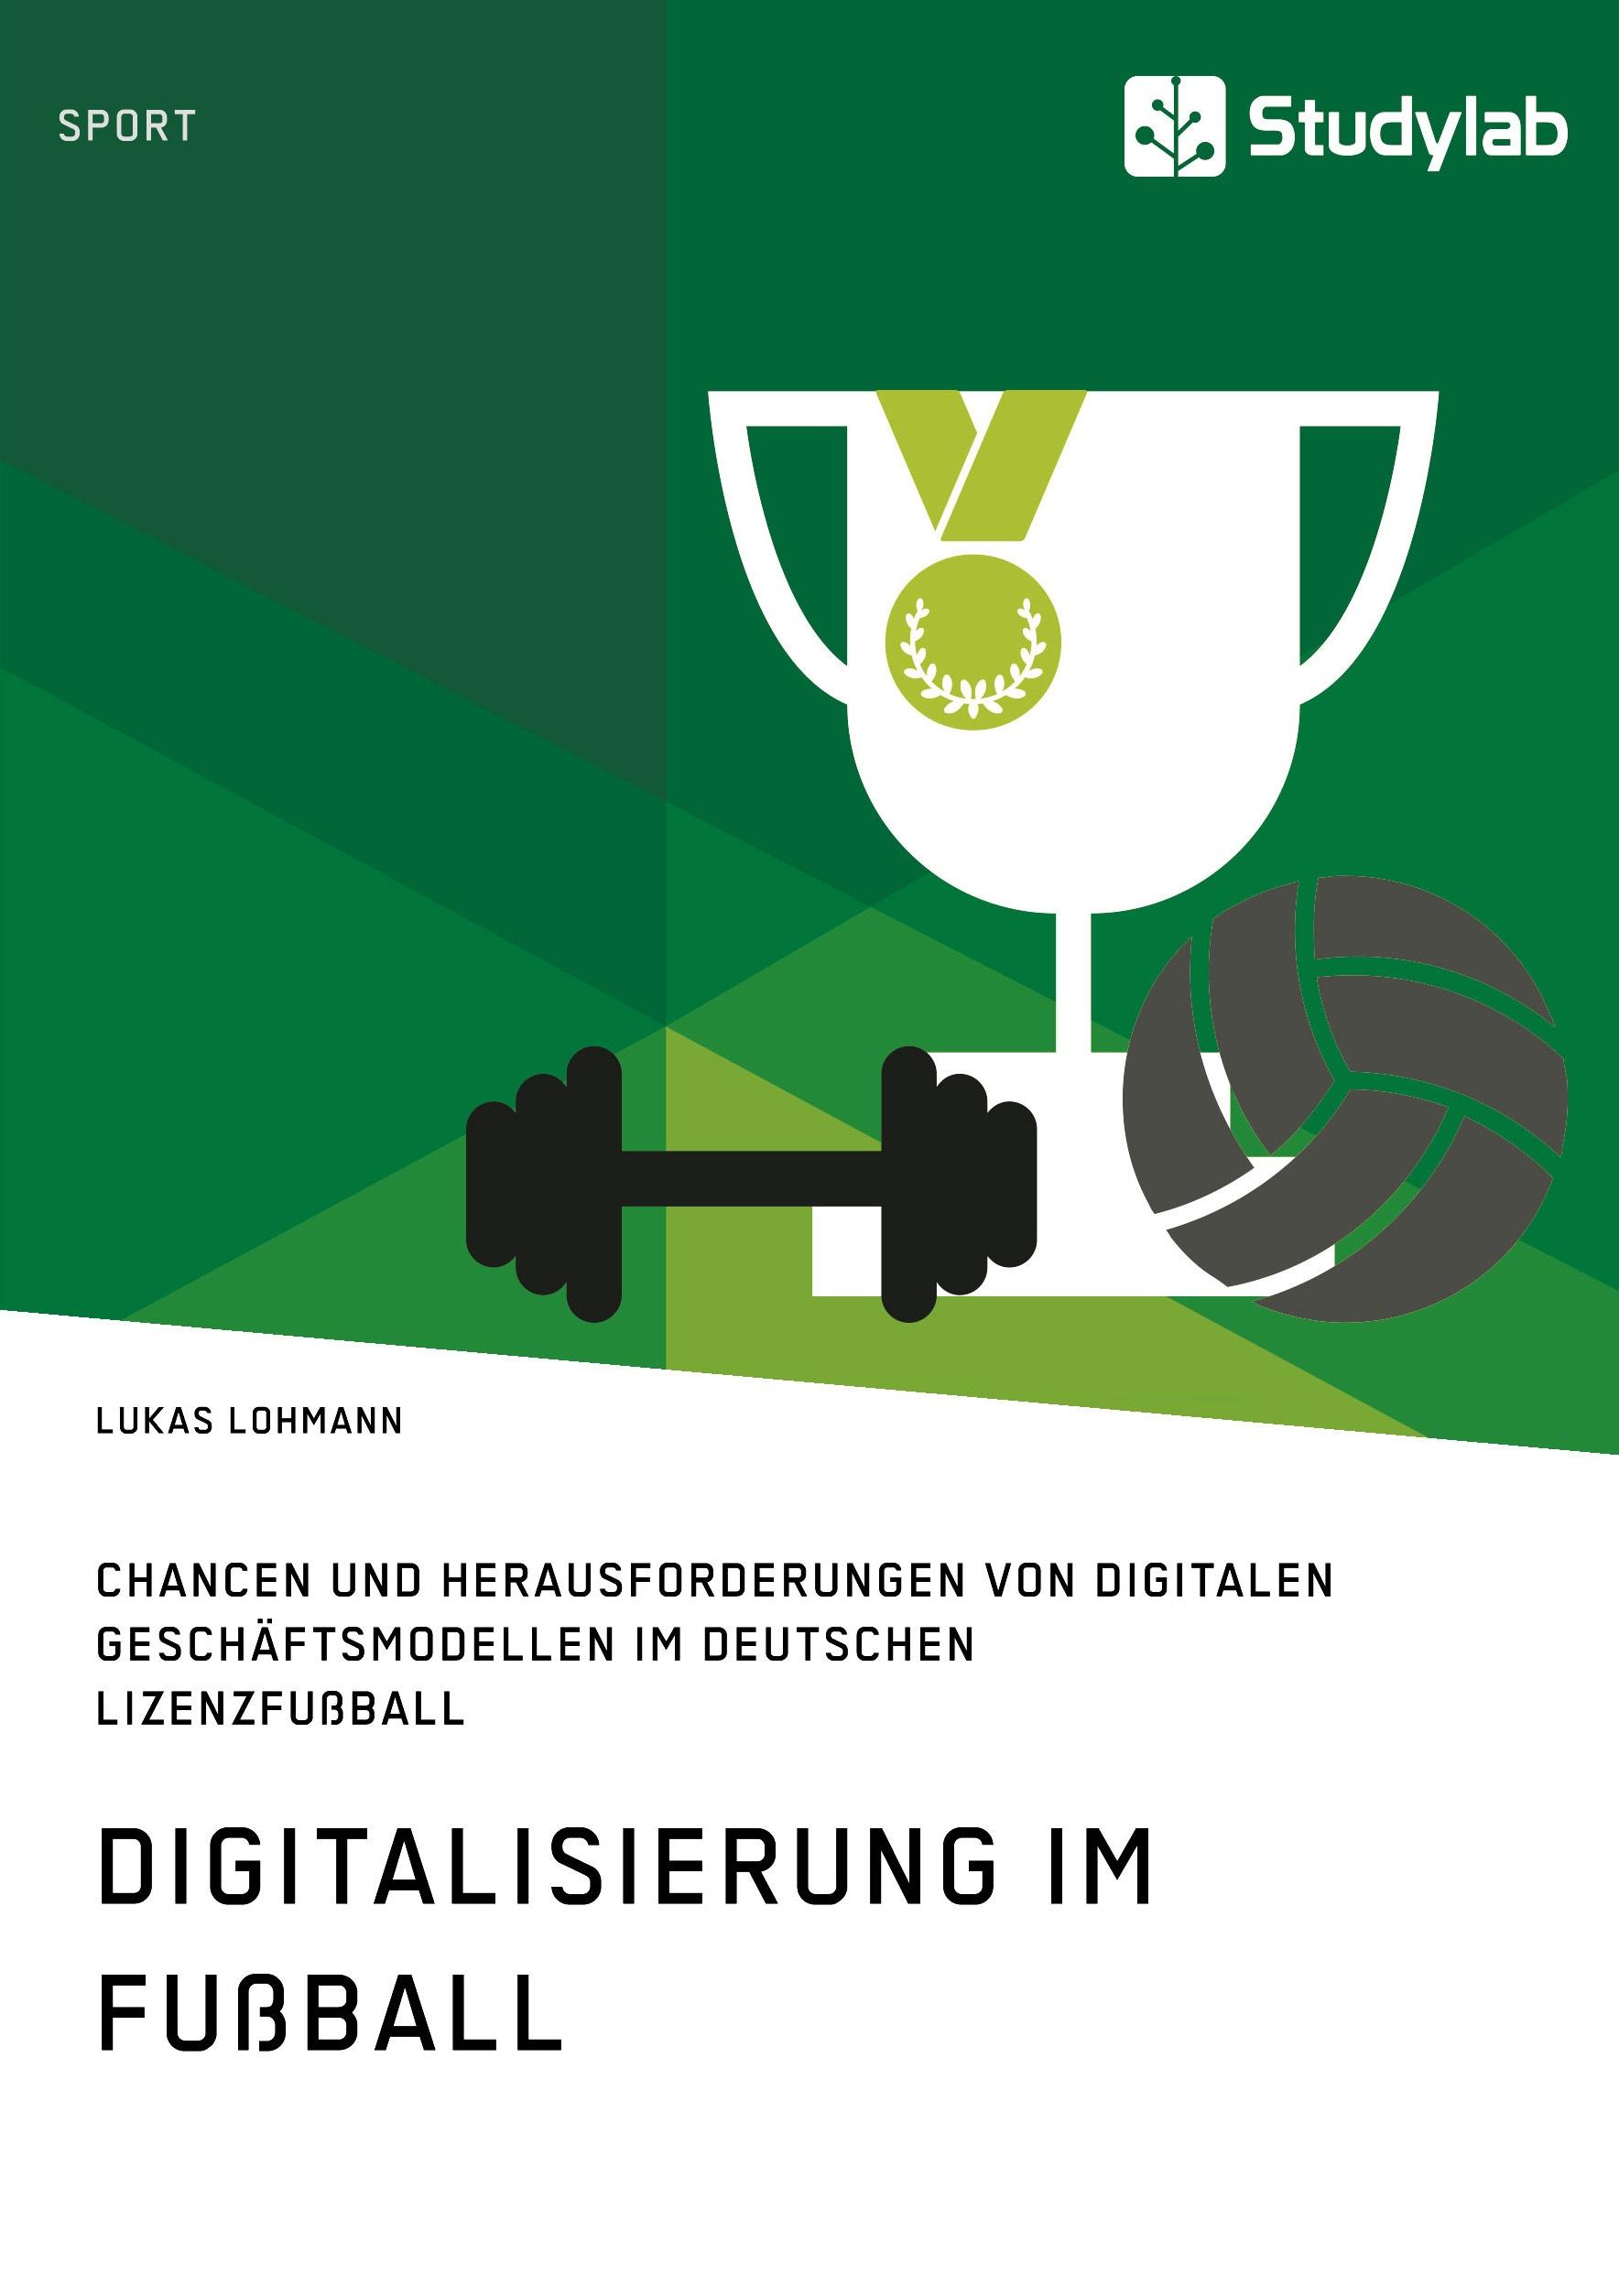 Titel: Digitalisierung im Fußball. Chancen und Herausforderungen von digitalen Geschäftsmodellen im deutschen Lizenzfußball